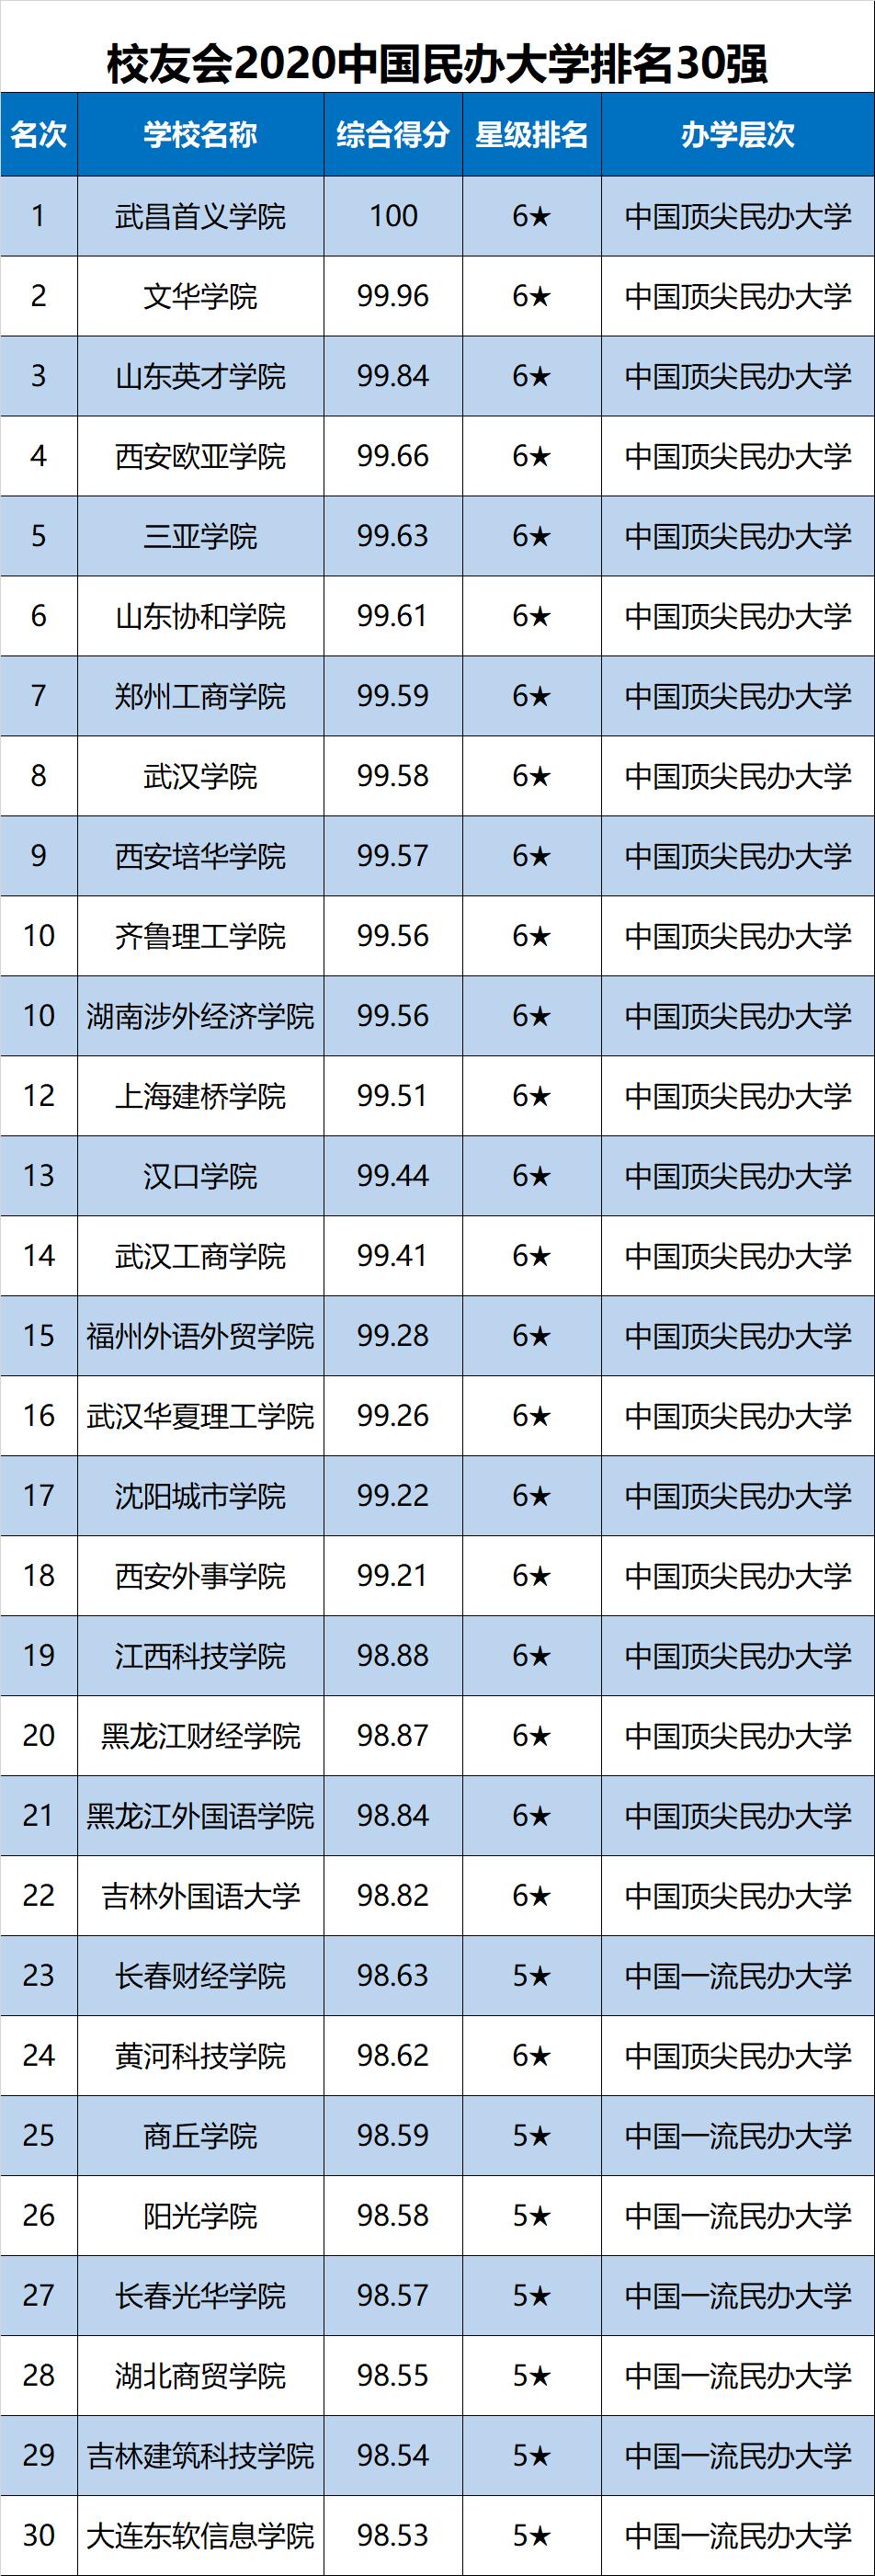 校友会2020年中国民办大学排名30强